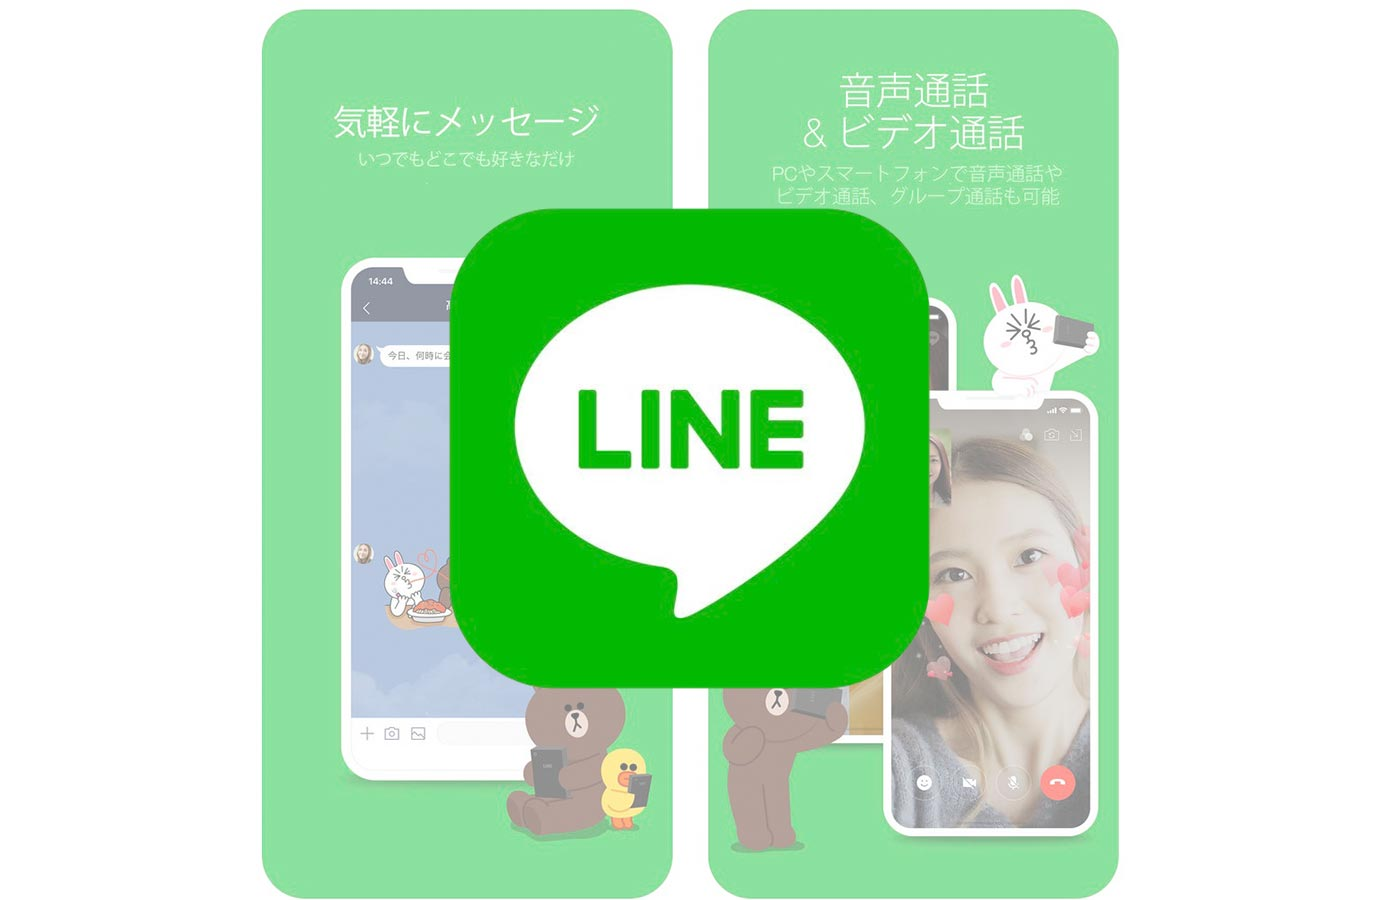 LINE、iOSアプリ「LINE 9.5.1」リリース ー グループトークが開けない不具合を改善